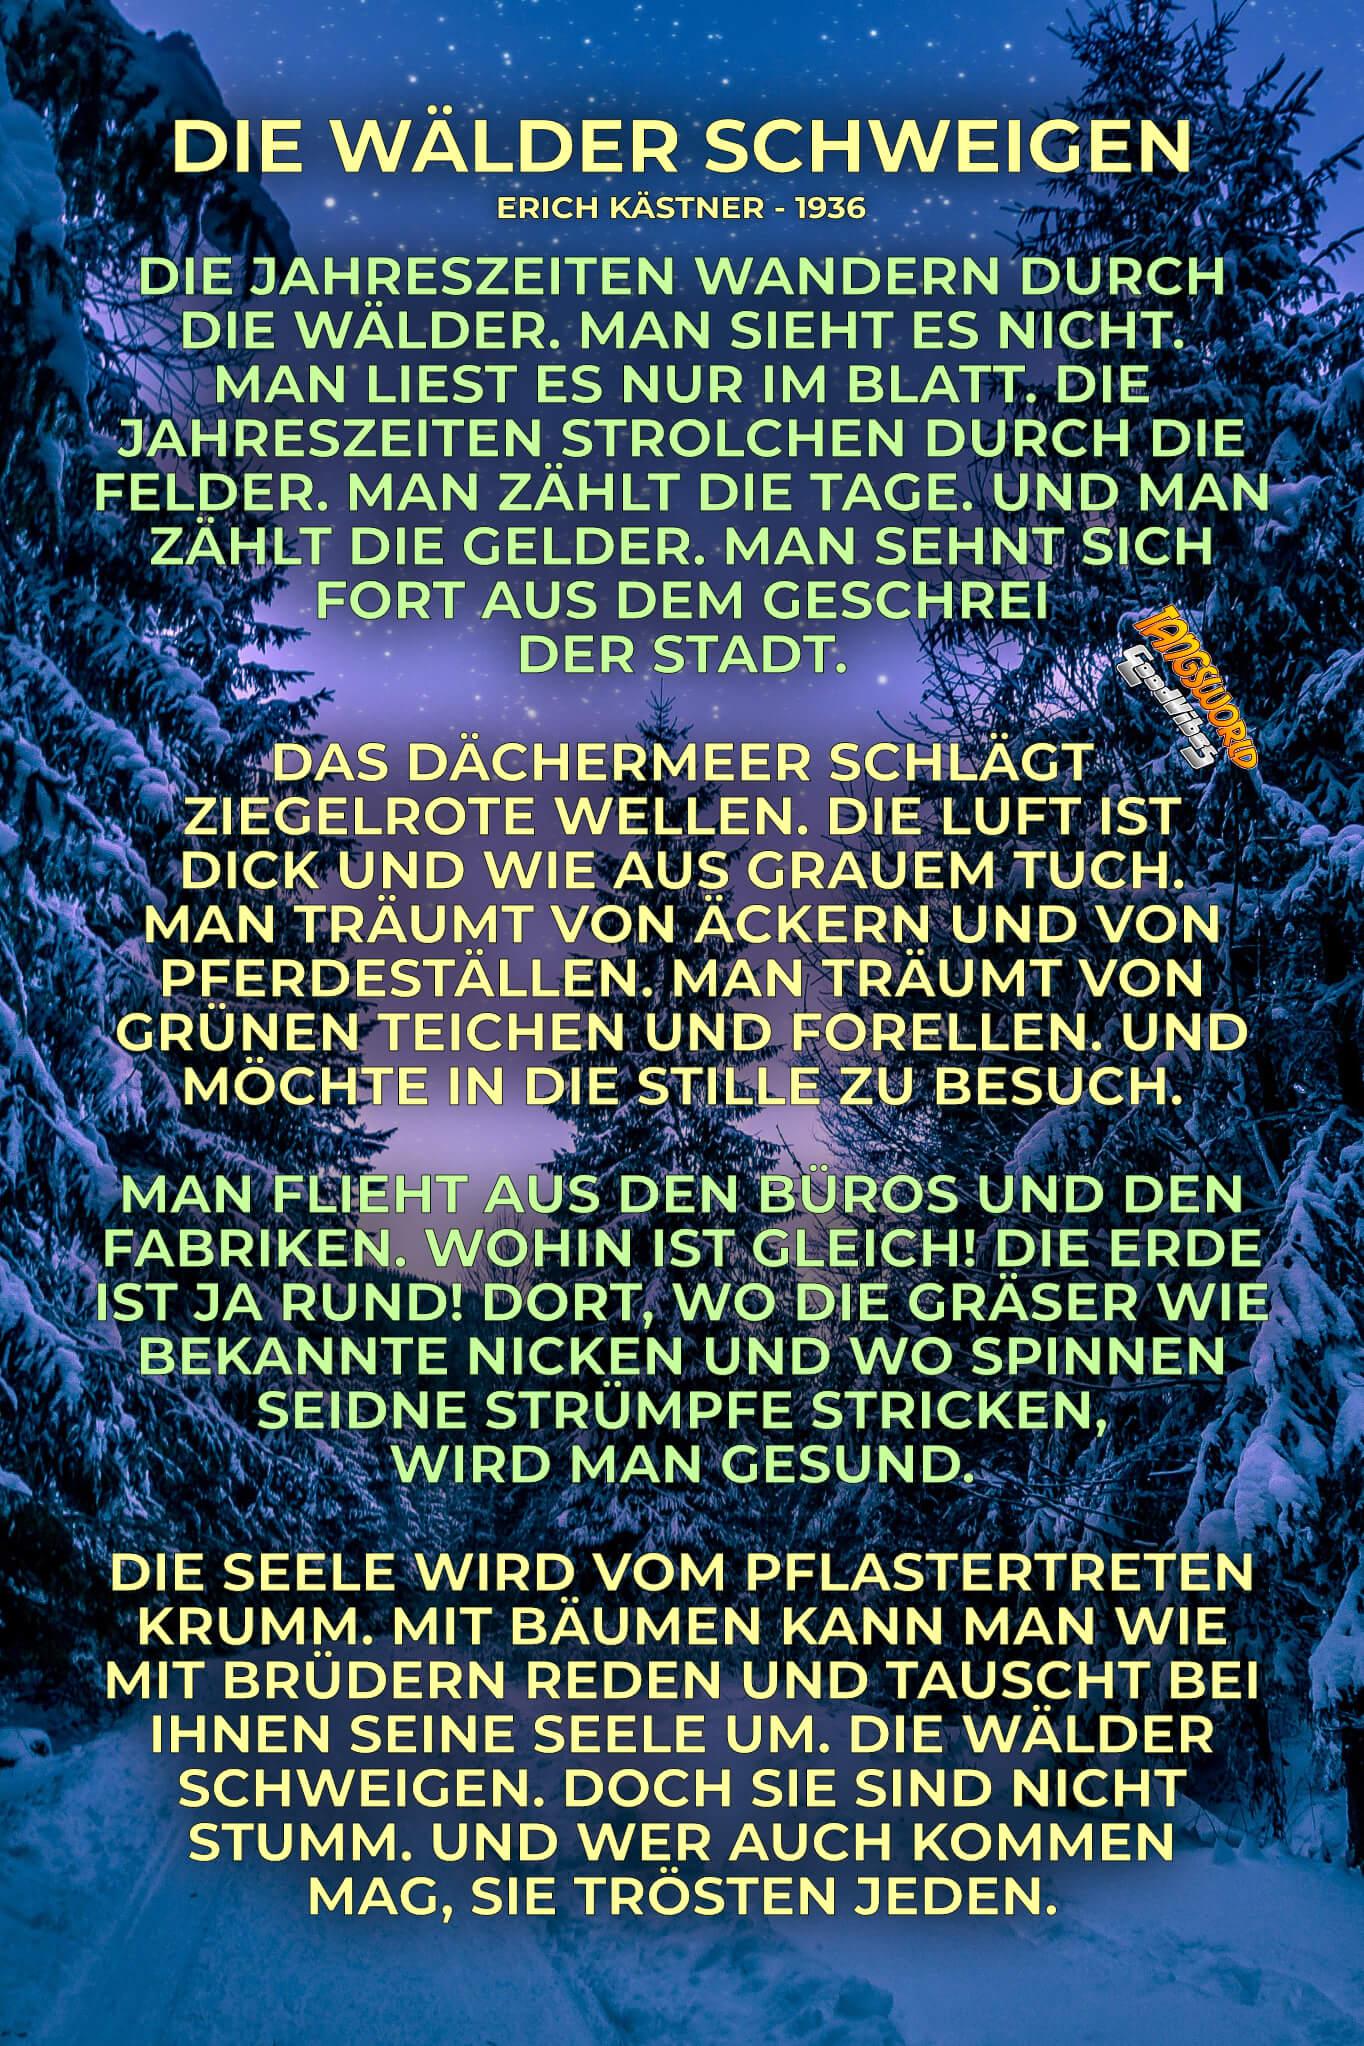 Die Jahreszeiten wandern durch die Wälder … Die Wälder schweigen - GoodVibes | Erich Kästner - Gedicht 1936